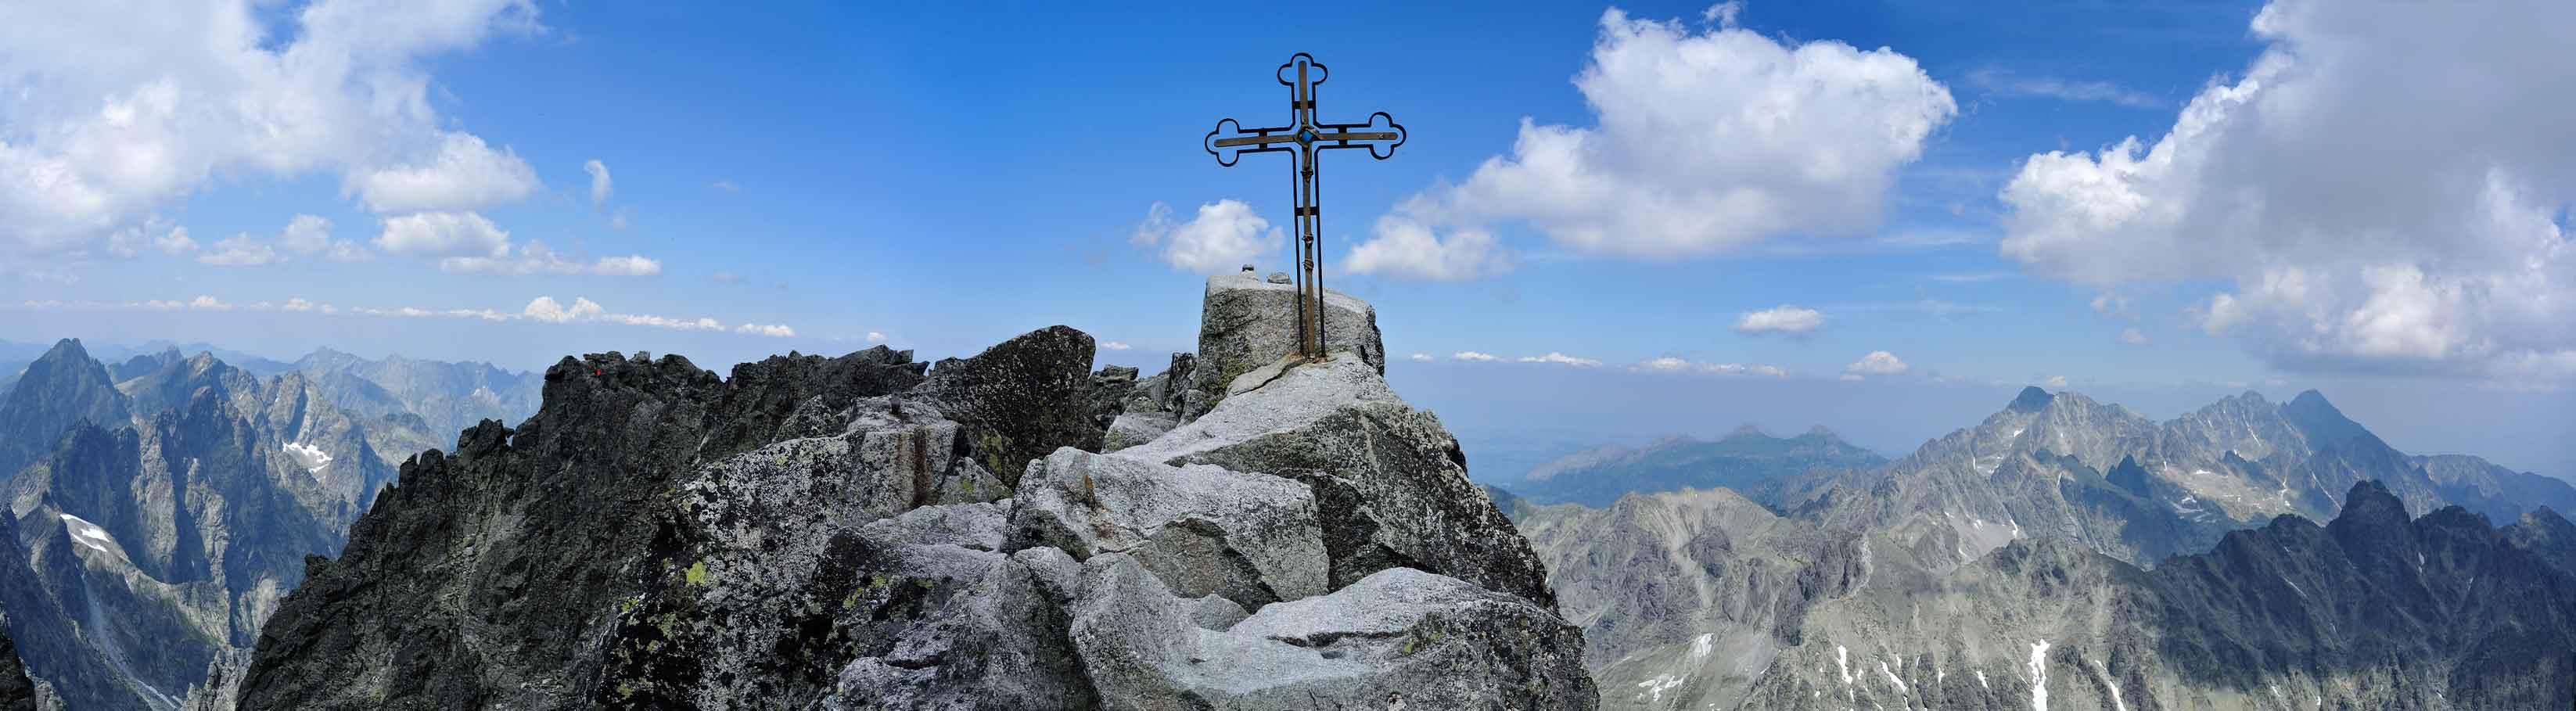 Gerlachovský štít s horským vodcom